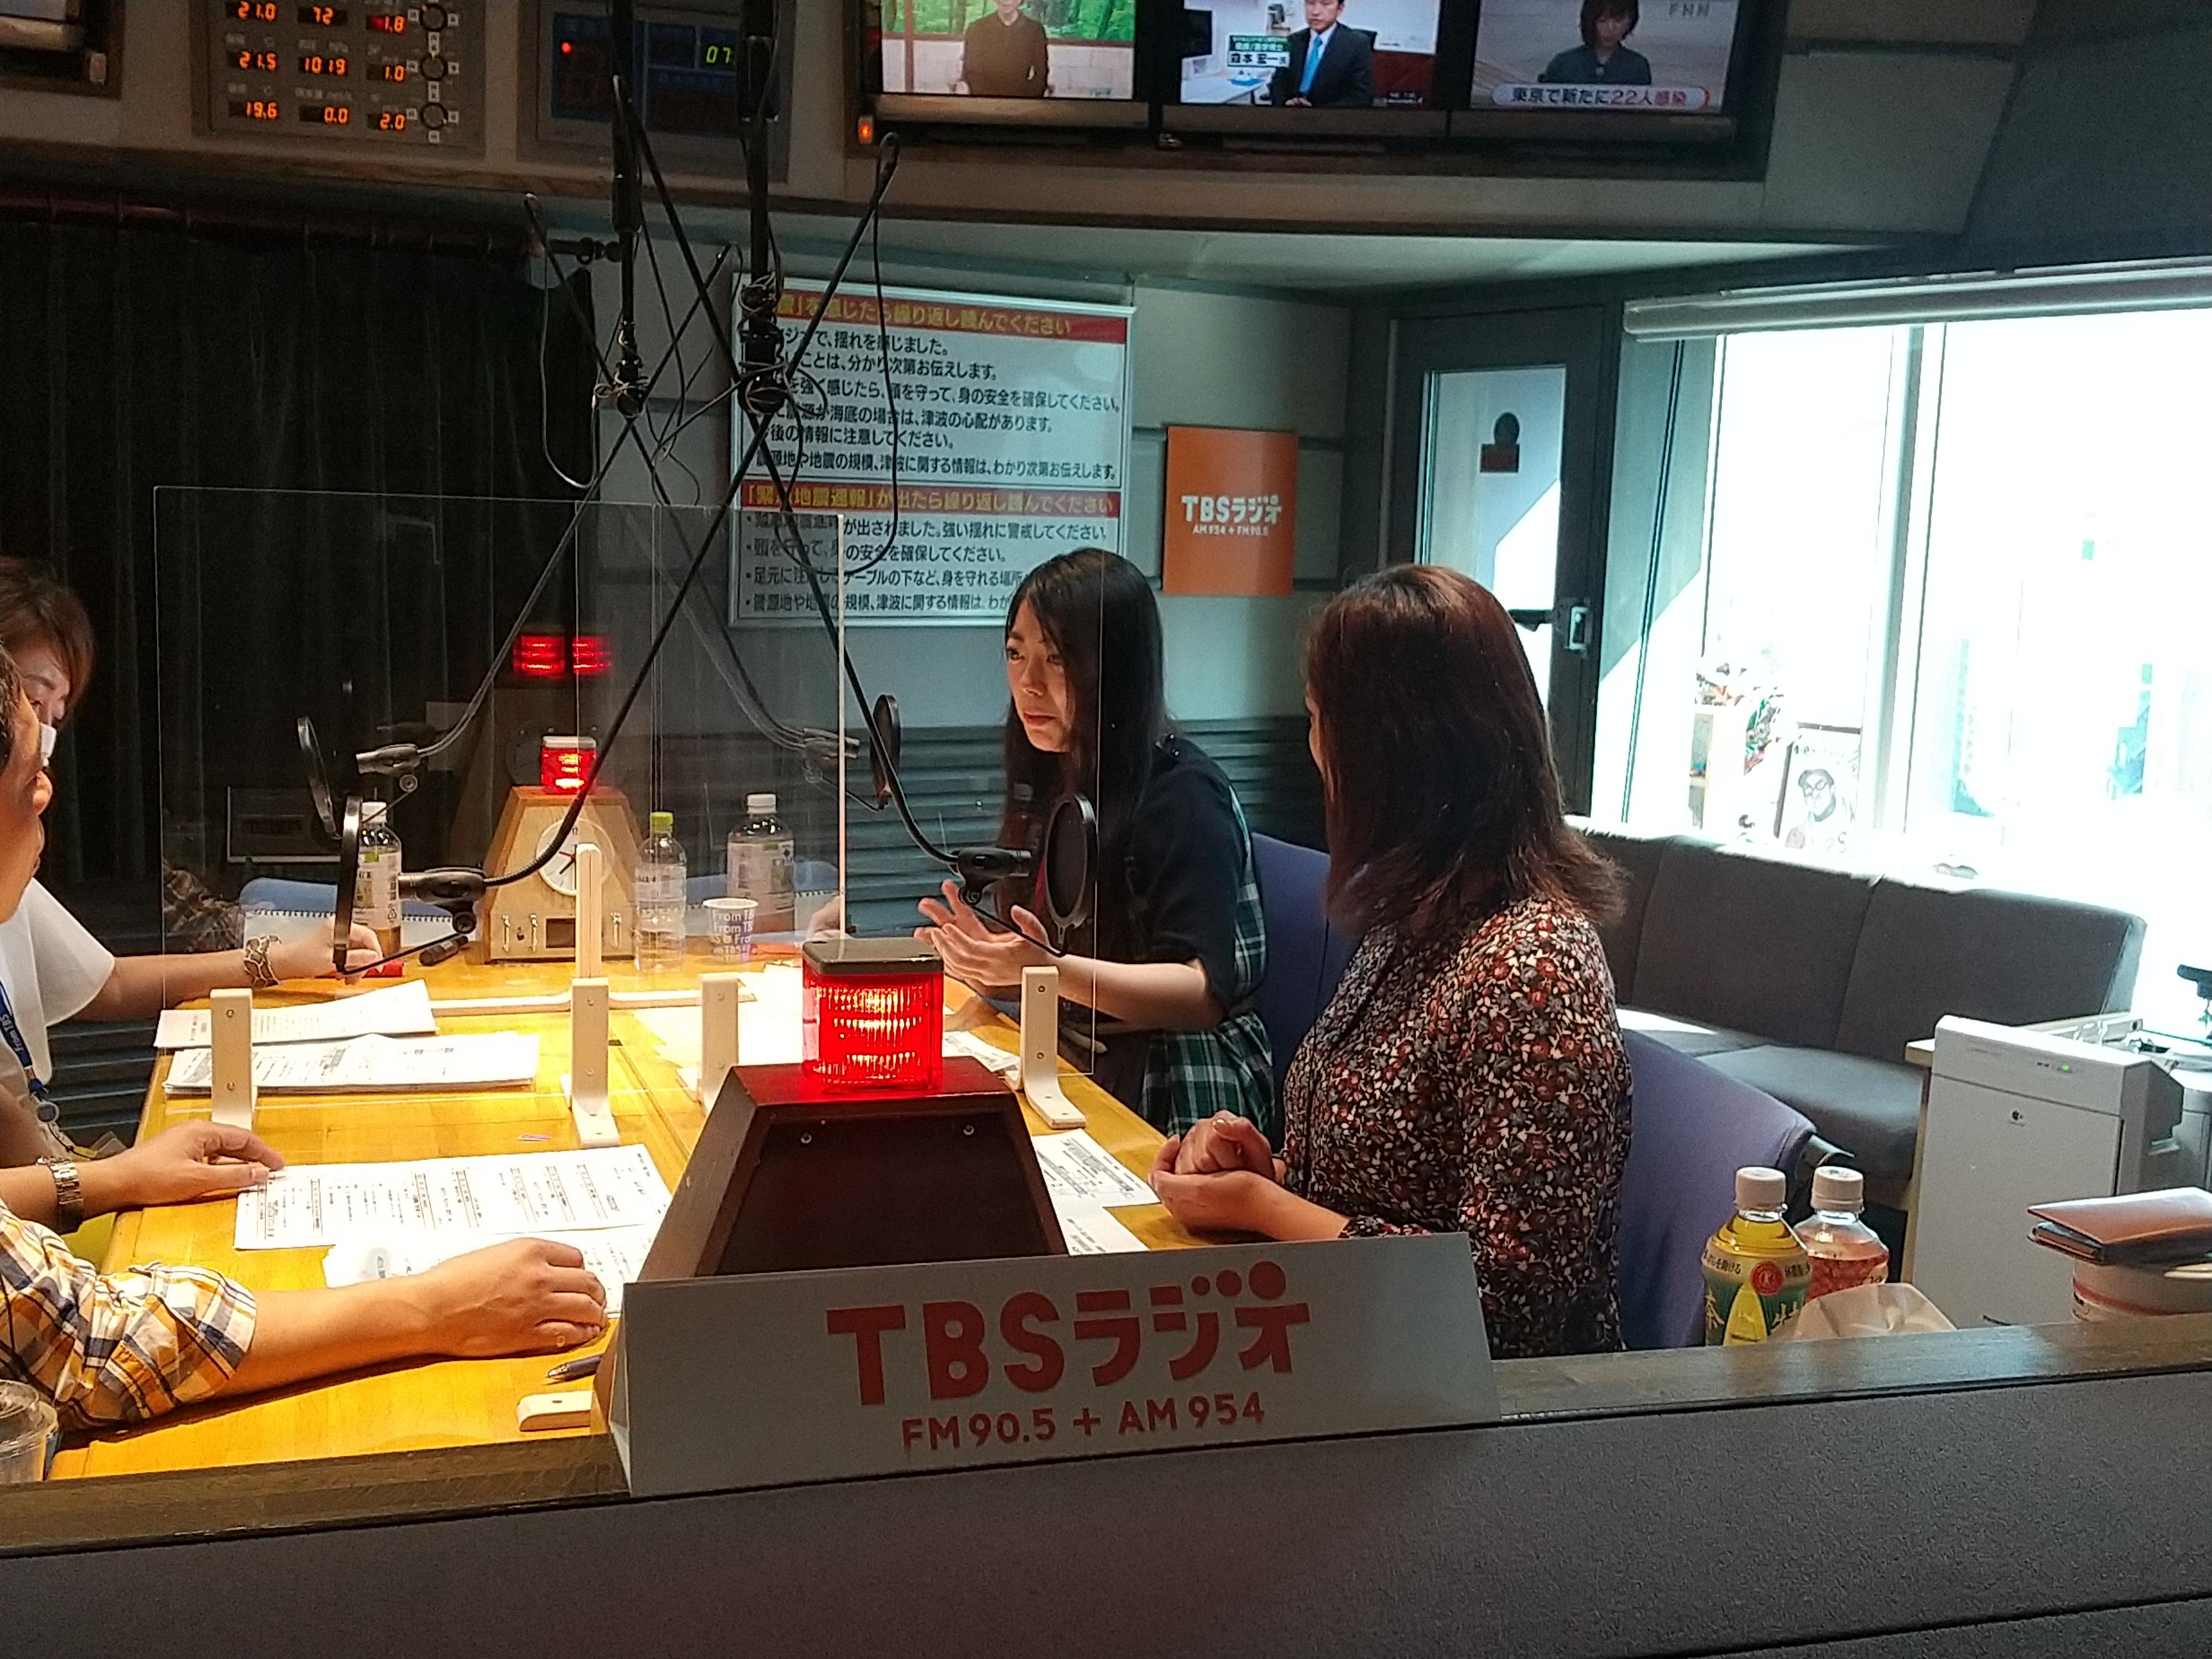 放送中                                                                                                                                                                                                                                    TBSラジオ FM90.5 + AM954                                                    放送中社会学者・富永京子さんのニュースコメント(2020年5月30日)                この記事の                番組情報            蓮見孝之 まとめて!土曜日